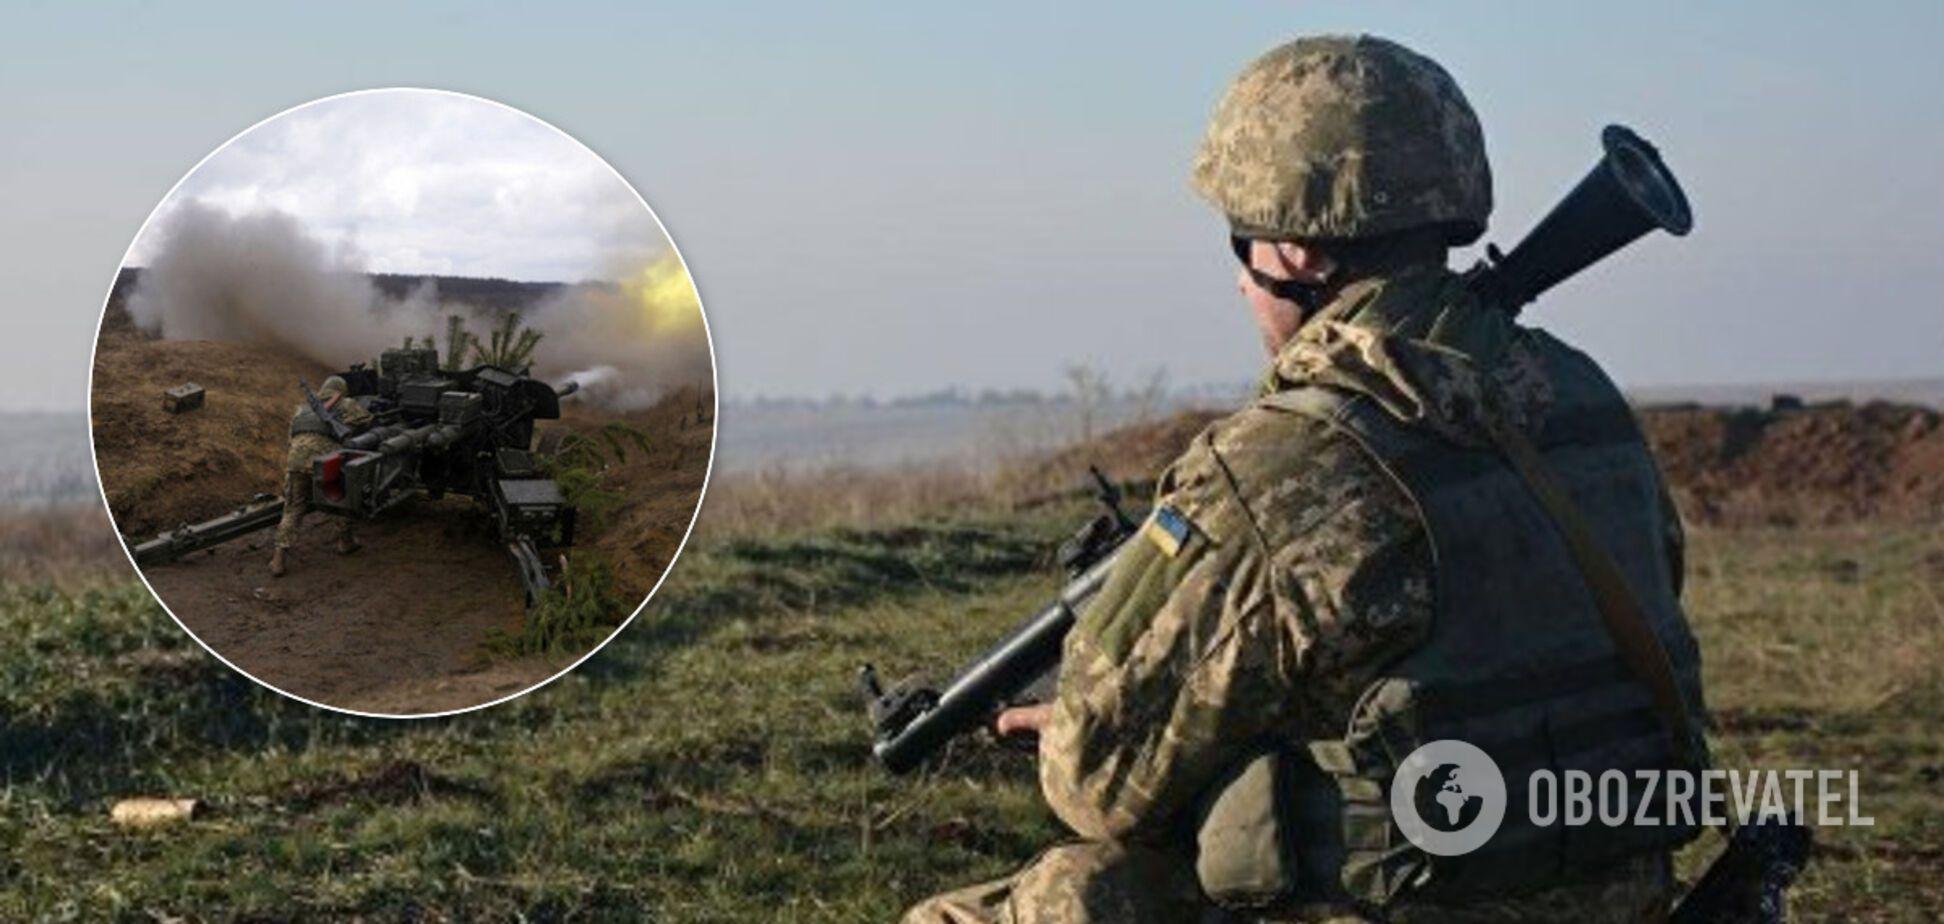 Війська Путіна розв'язали криваві бої на Донбасі: ЗСУ зазнали втрат